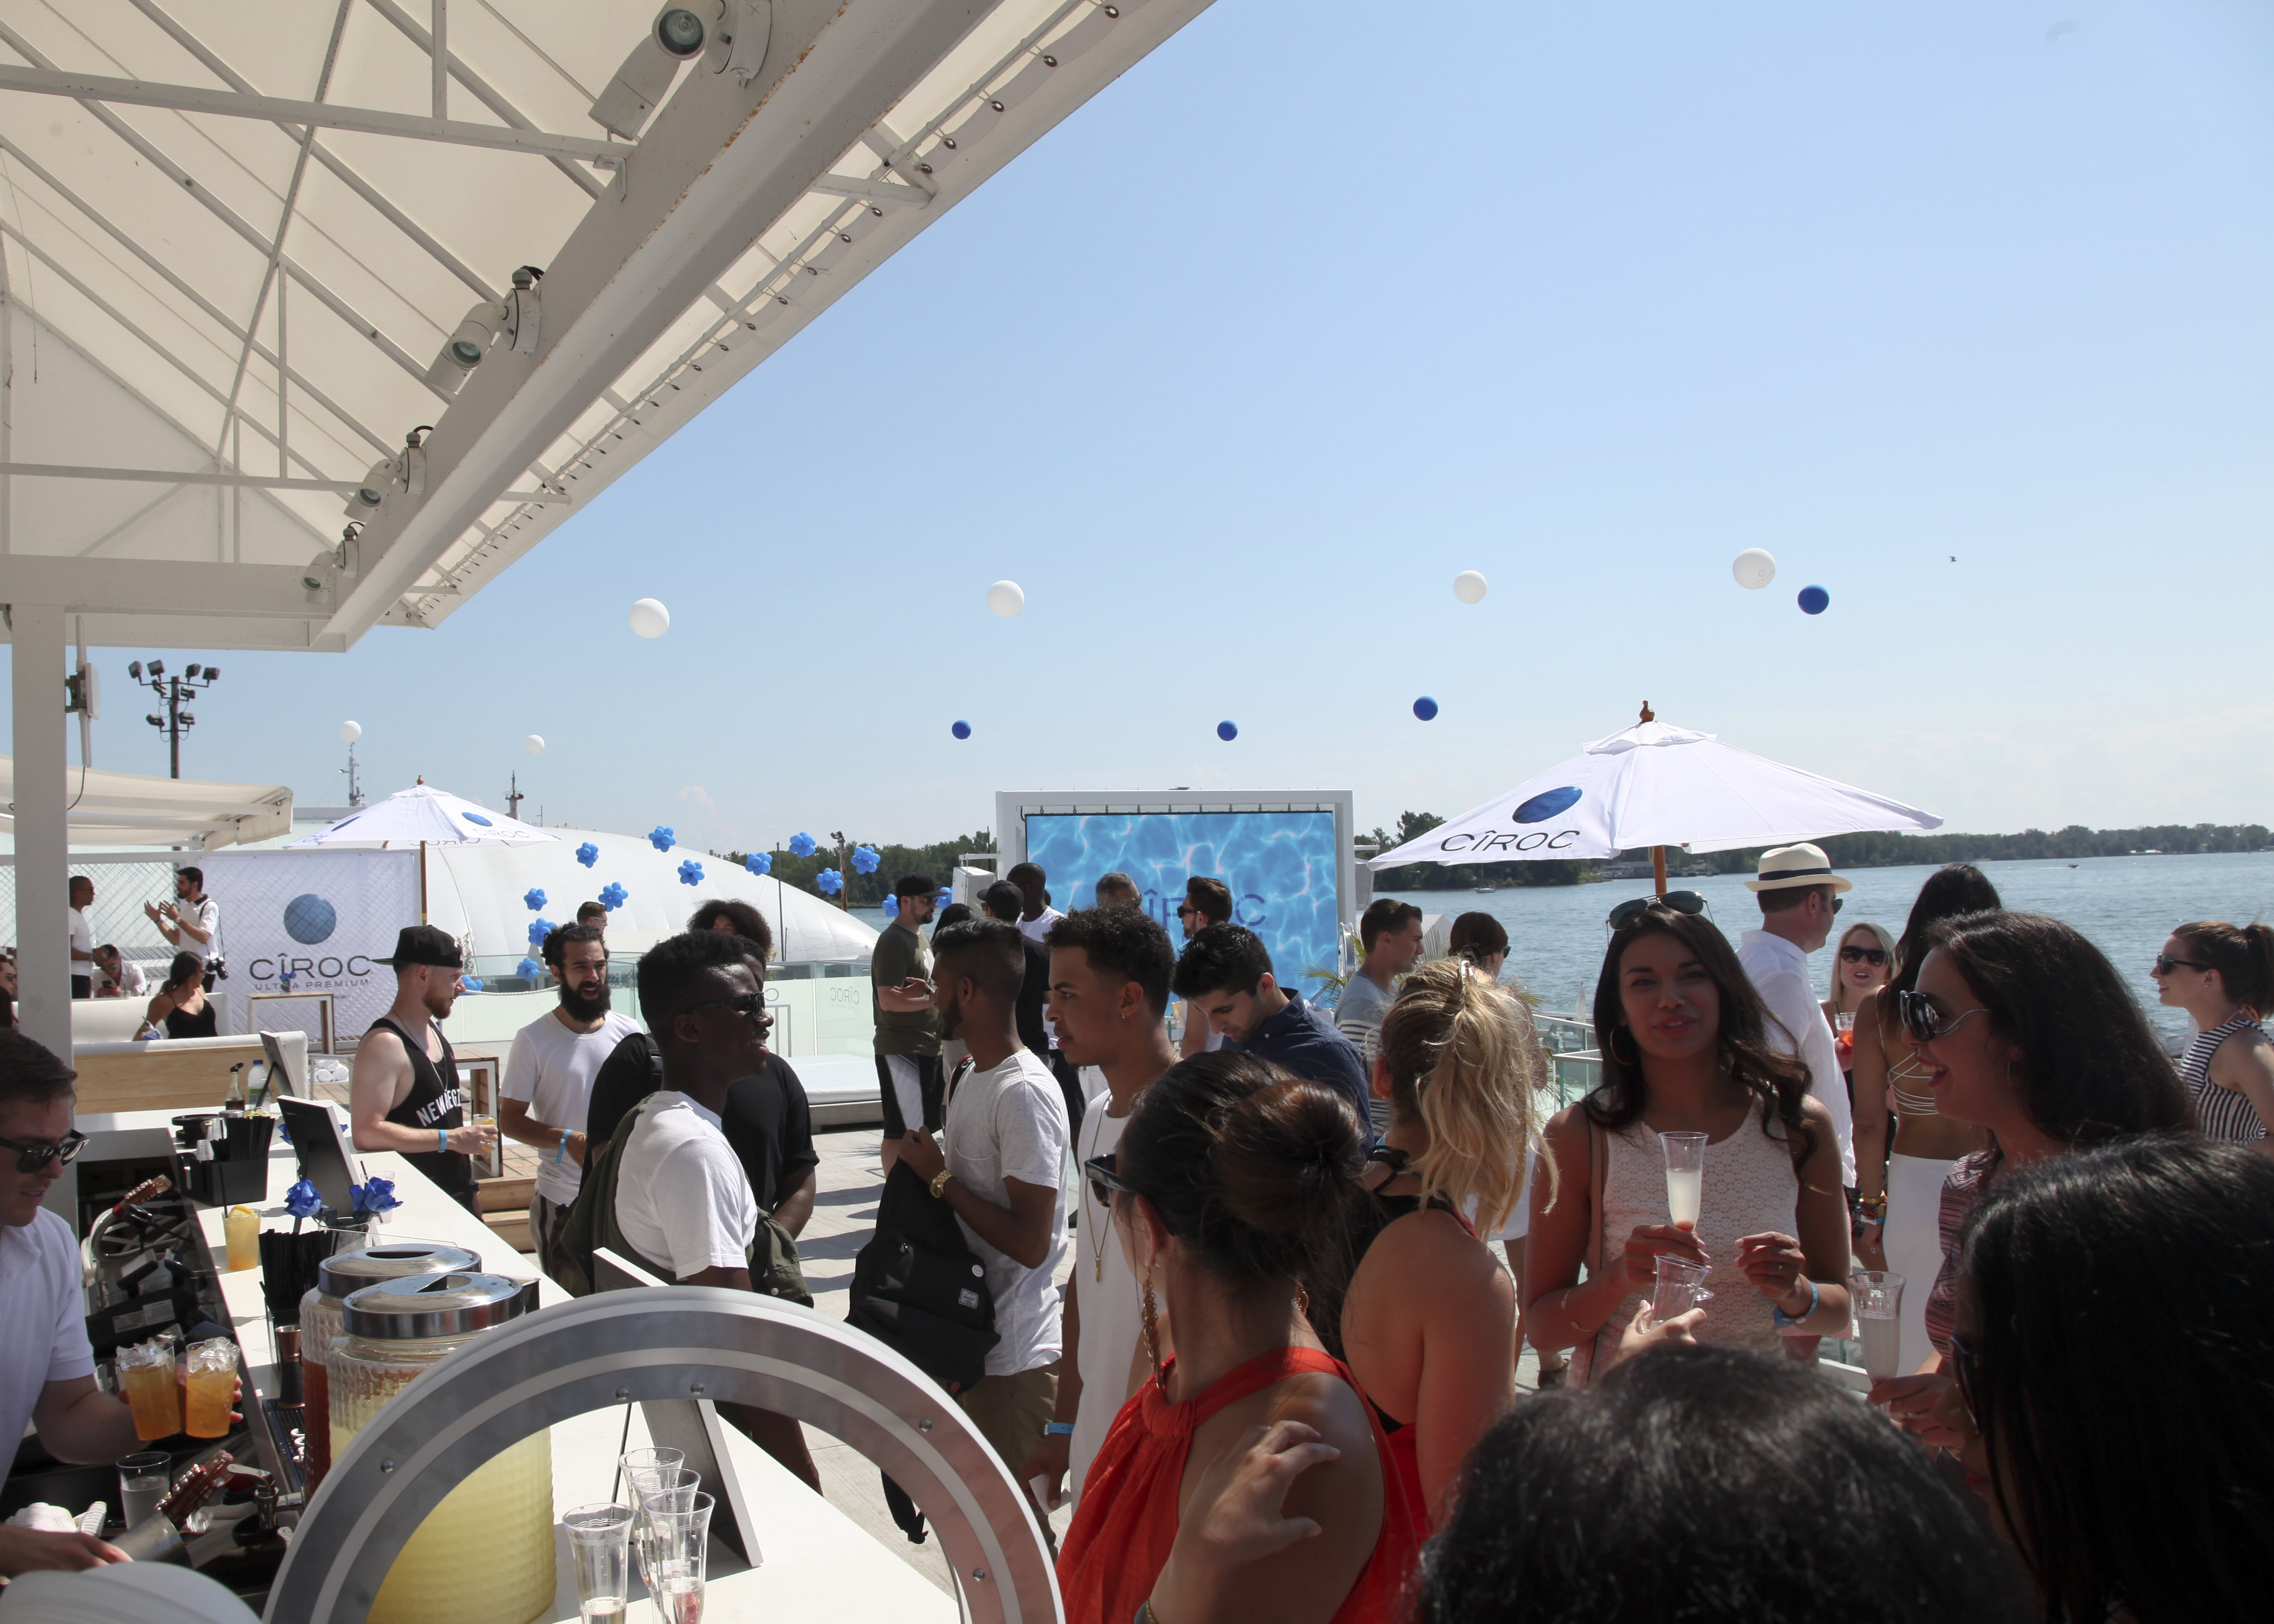 Cîroc launch party